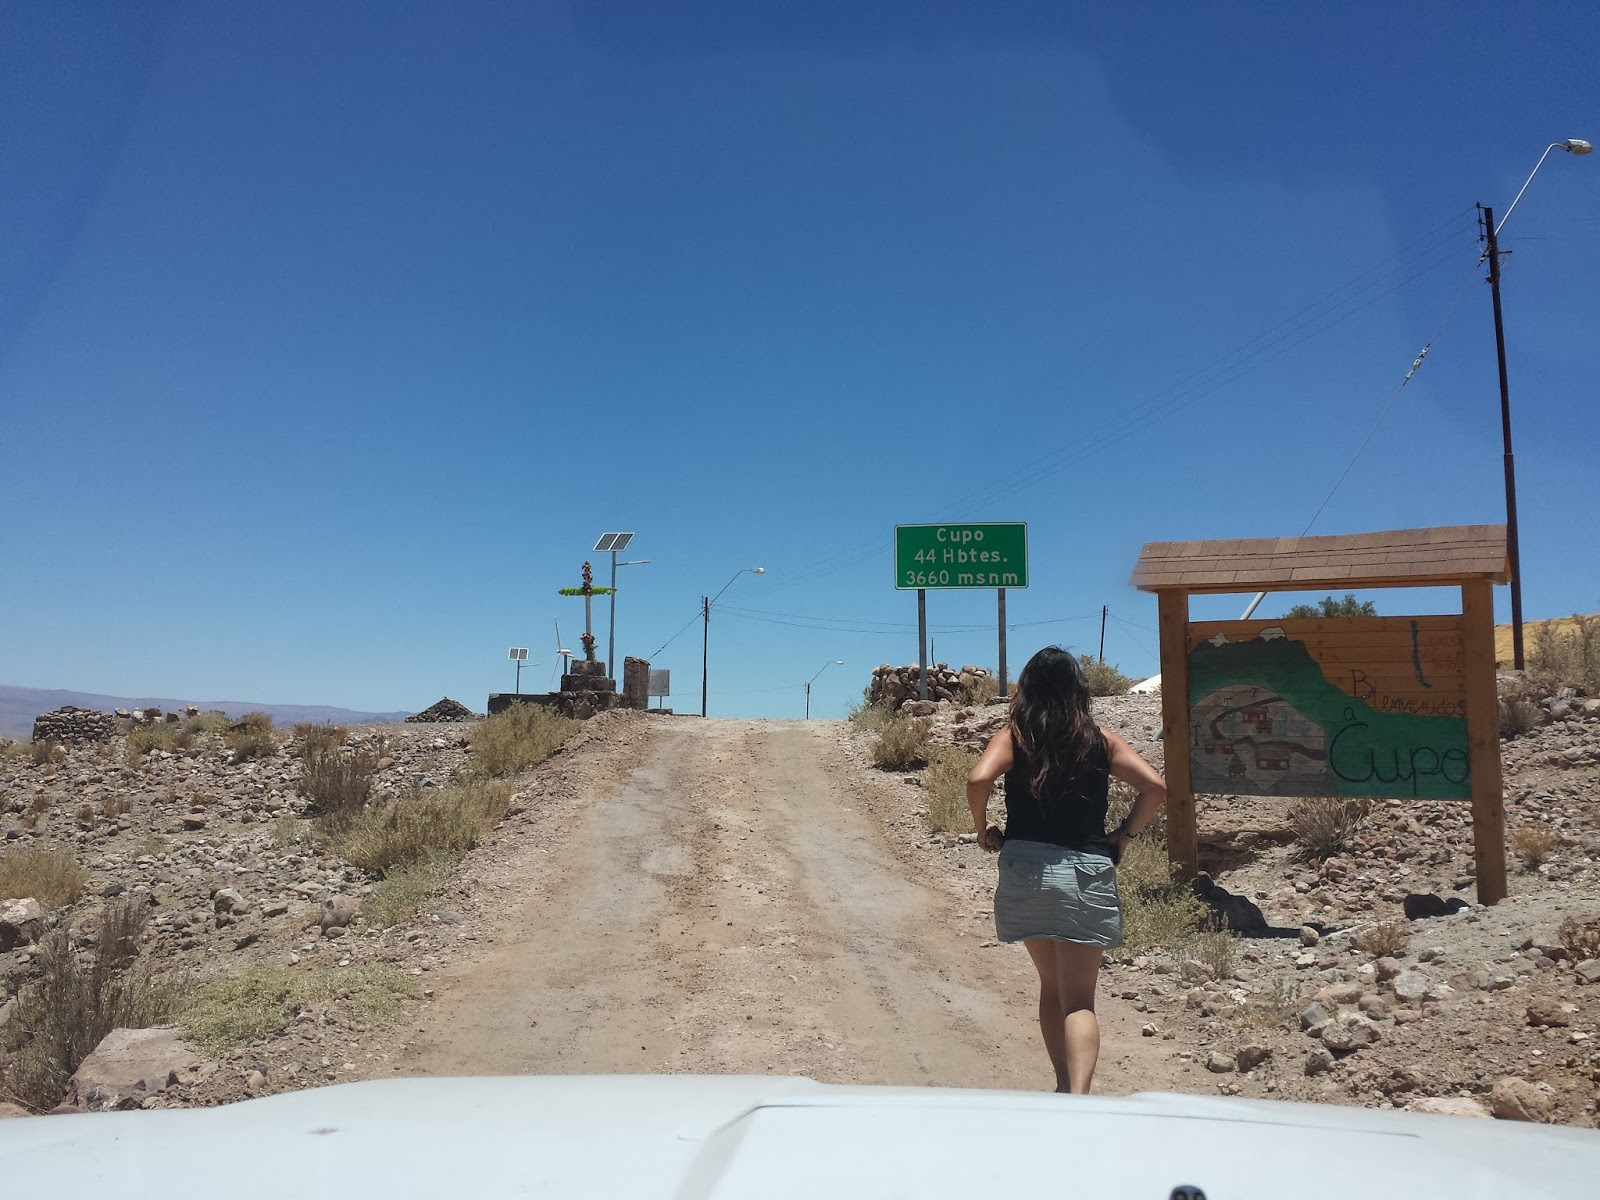 Resultado de imagen para pueblo de cupo region de antofagasta chile